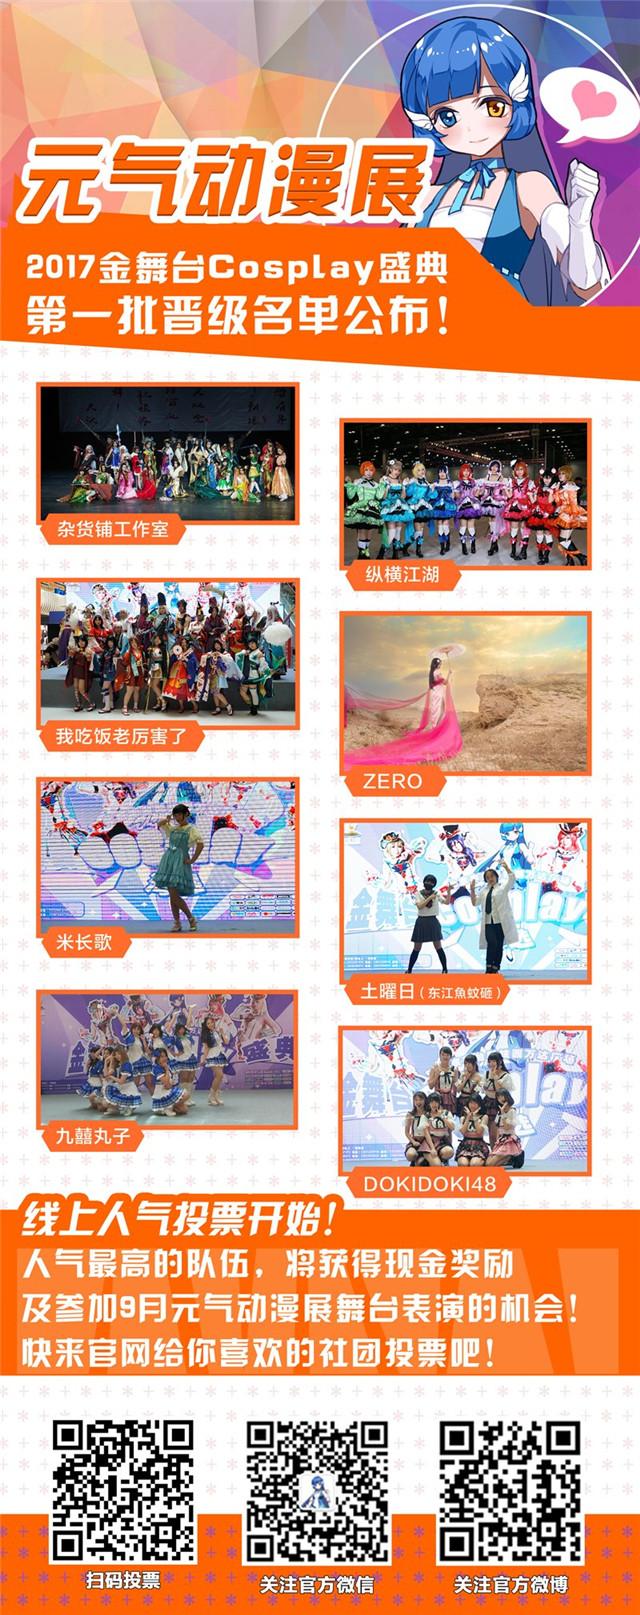 【北京】2017元气动漫展火热来袭!9月16日至17日与您不见不散!-ANICOGA